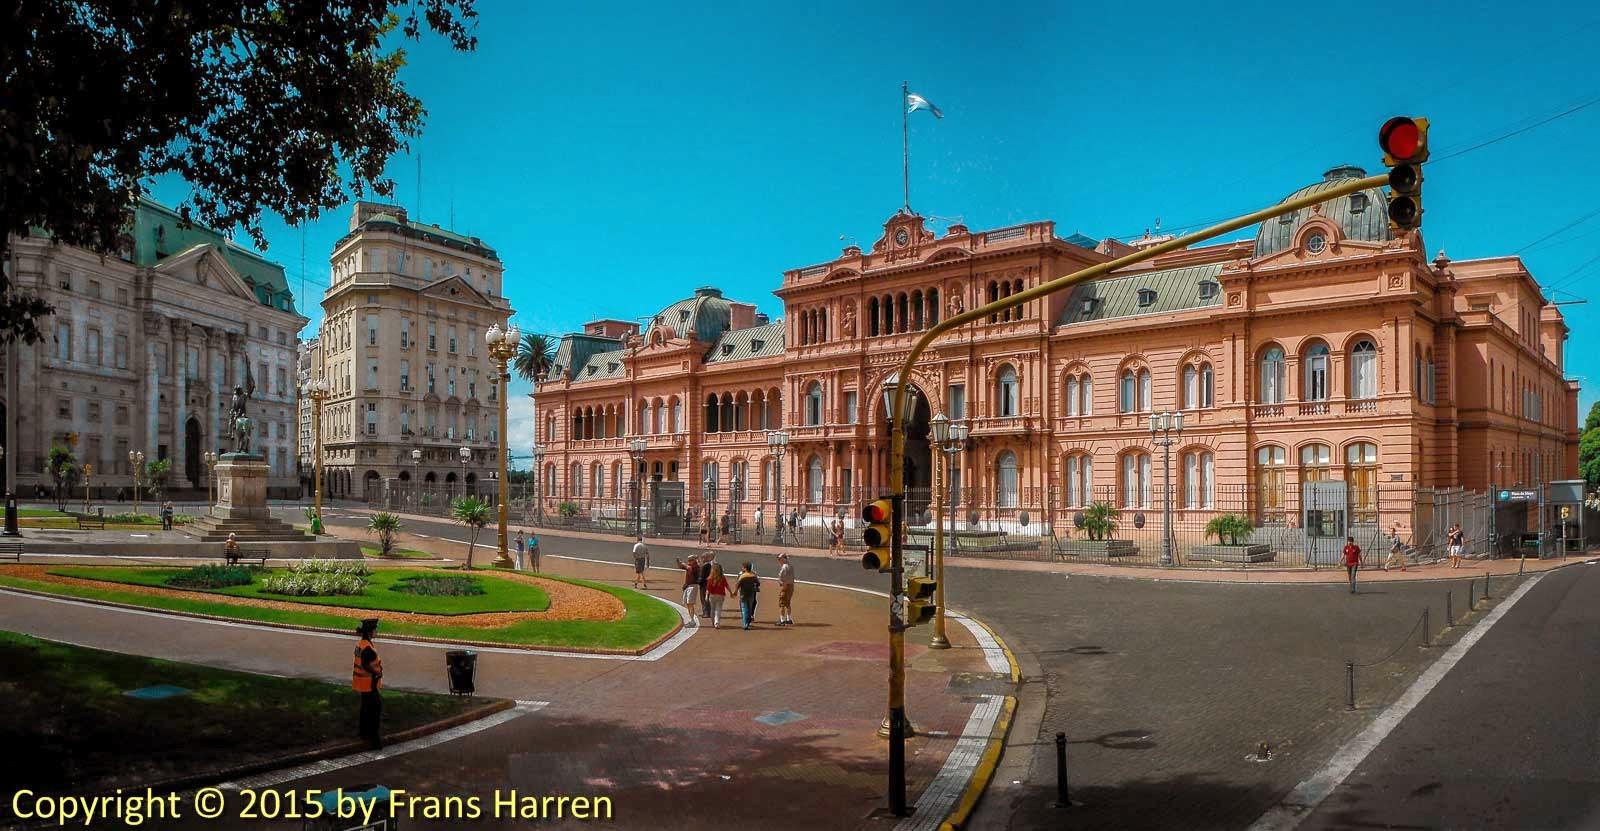 La Casa Rosada Buenos Aires  Frans Harren Photography